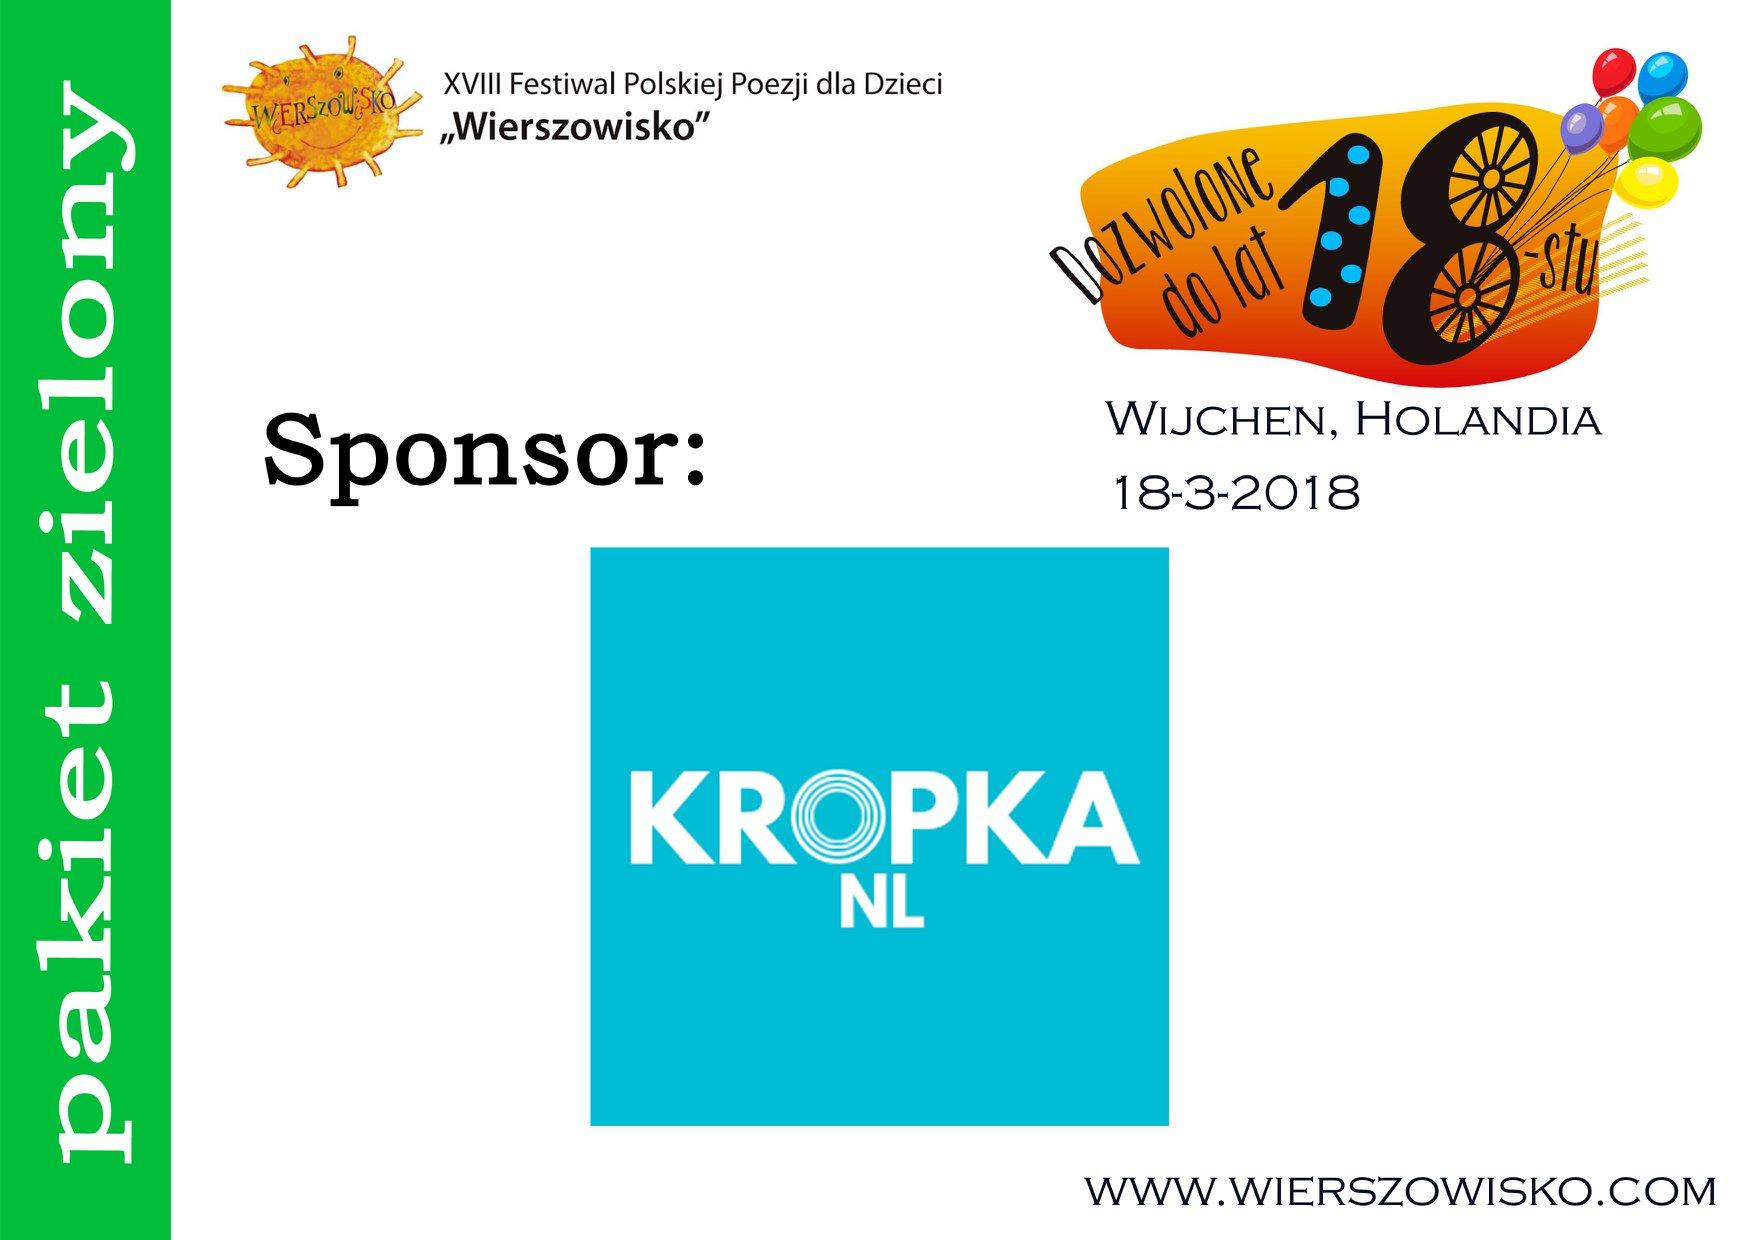 Kropka.nl